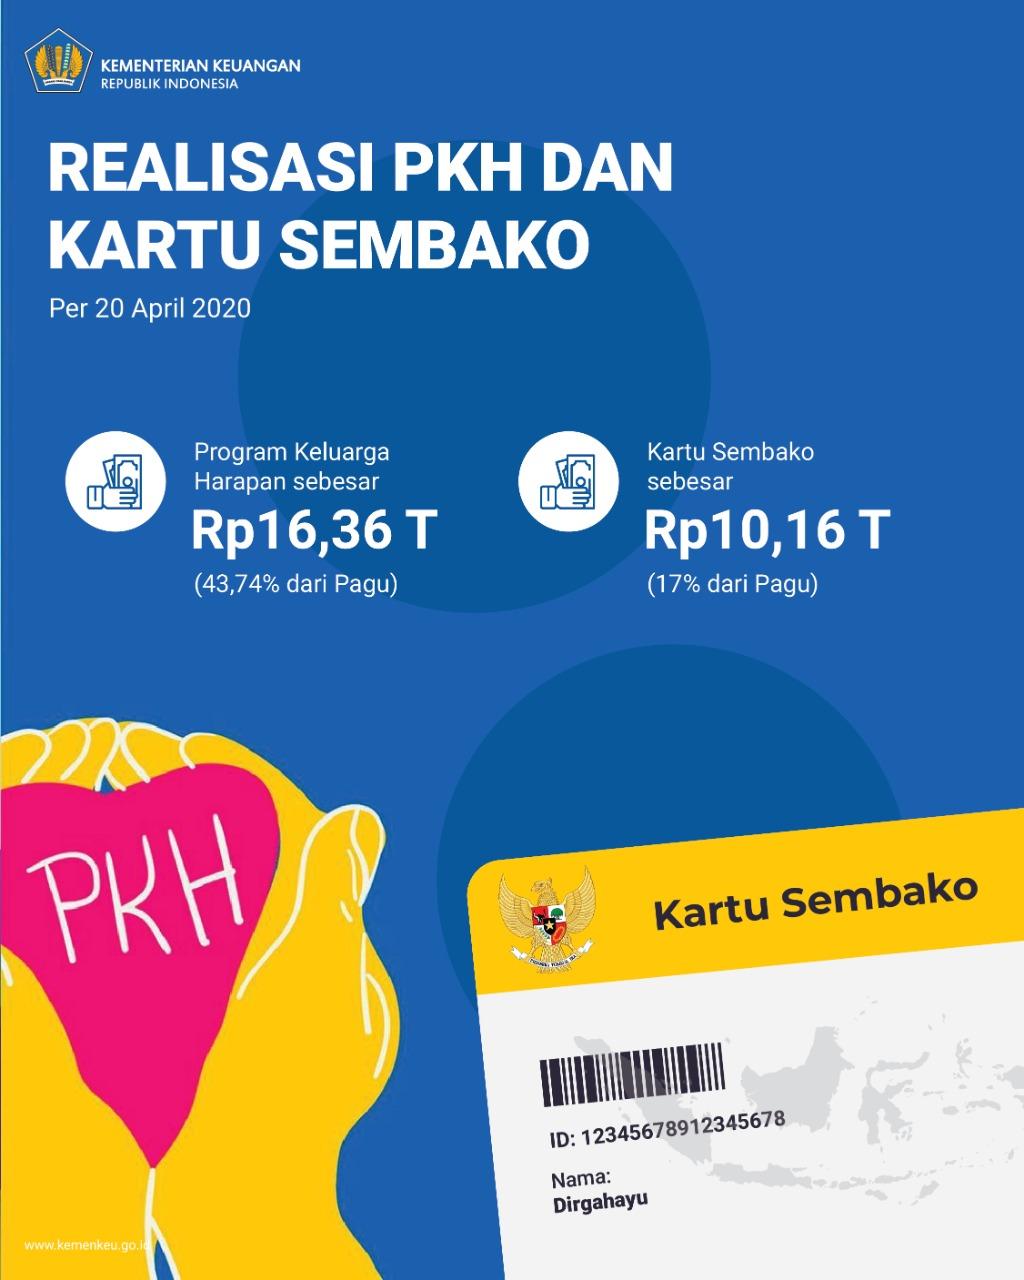 Realisasi PKH dan Kartu Sembako. (Sumber: Kemenkeu)